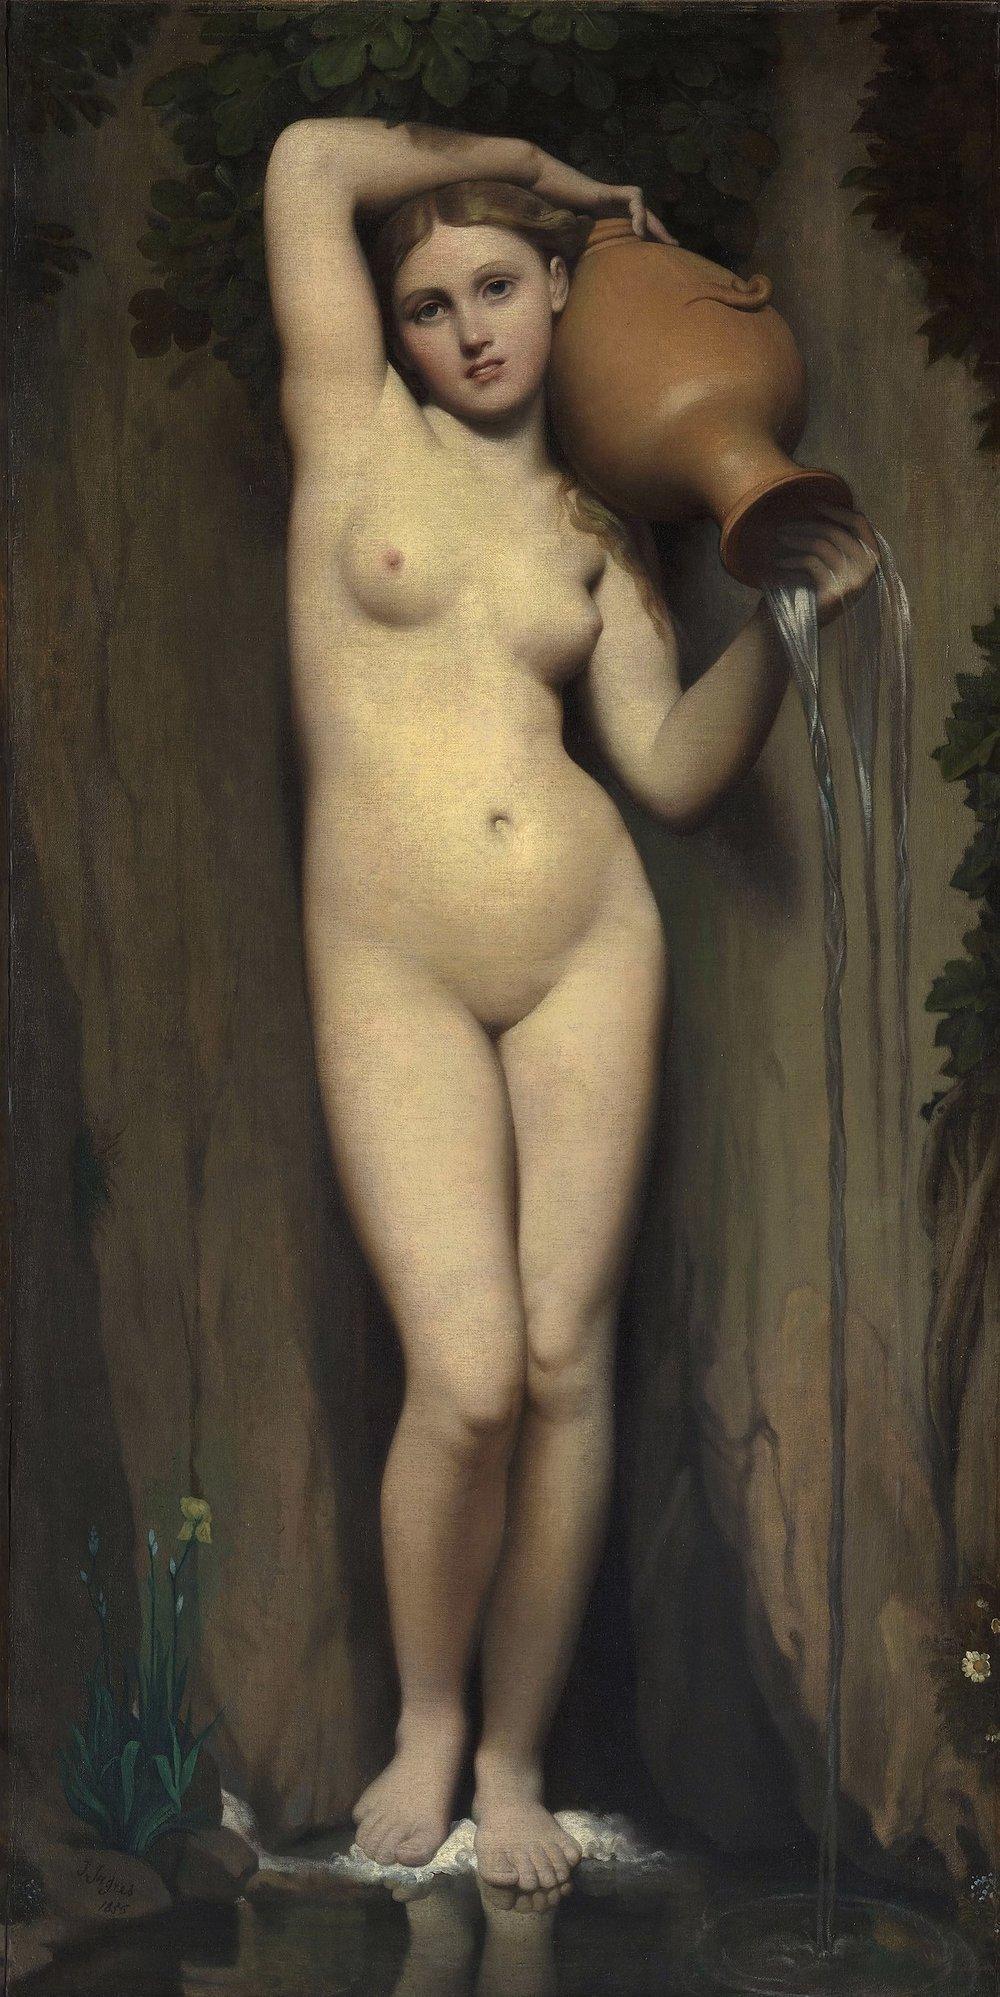 La Source - Jean Auguste Dominique Ingres (1856)